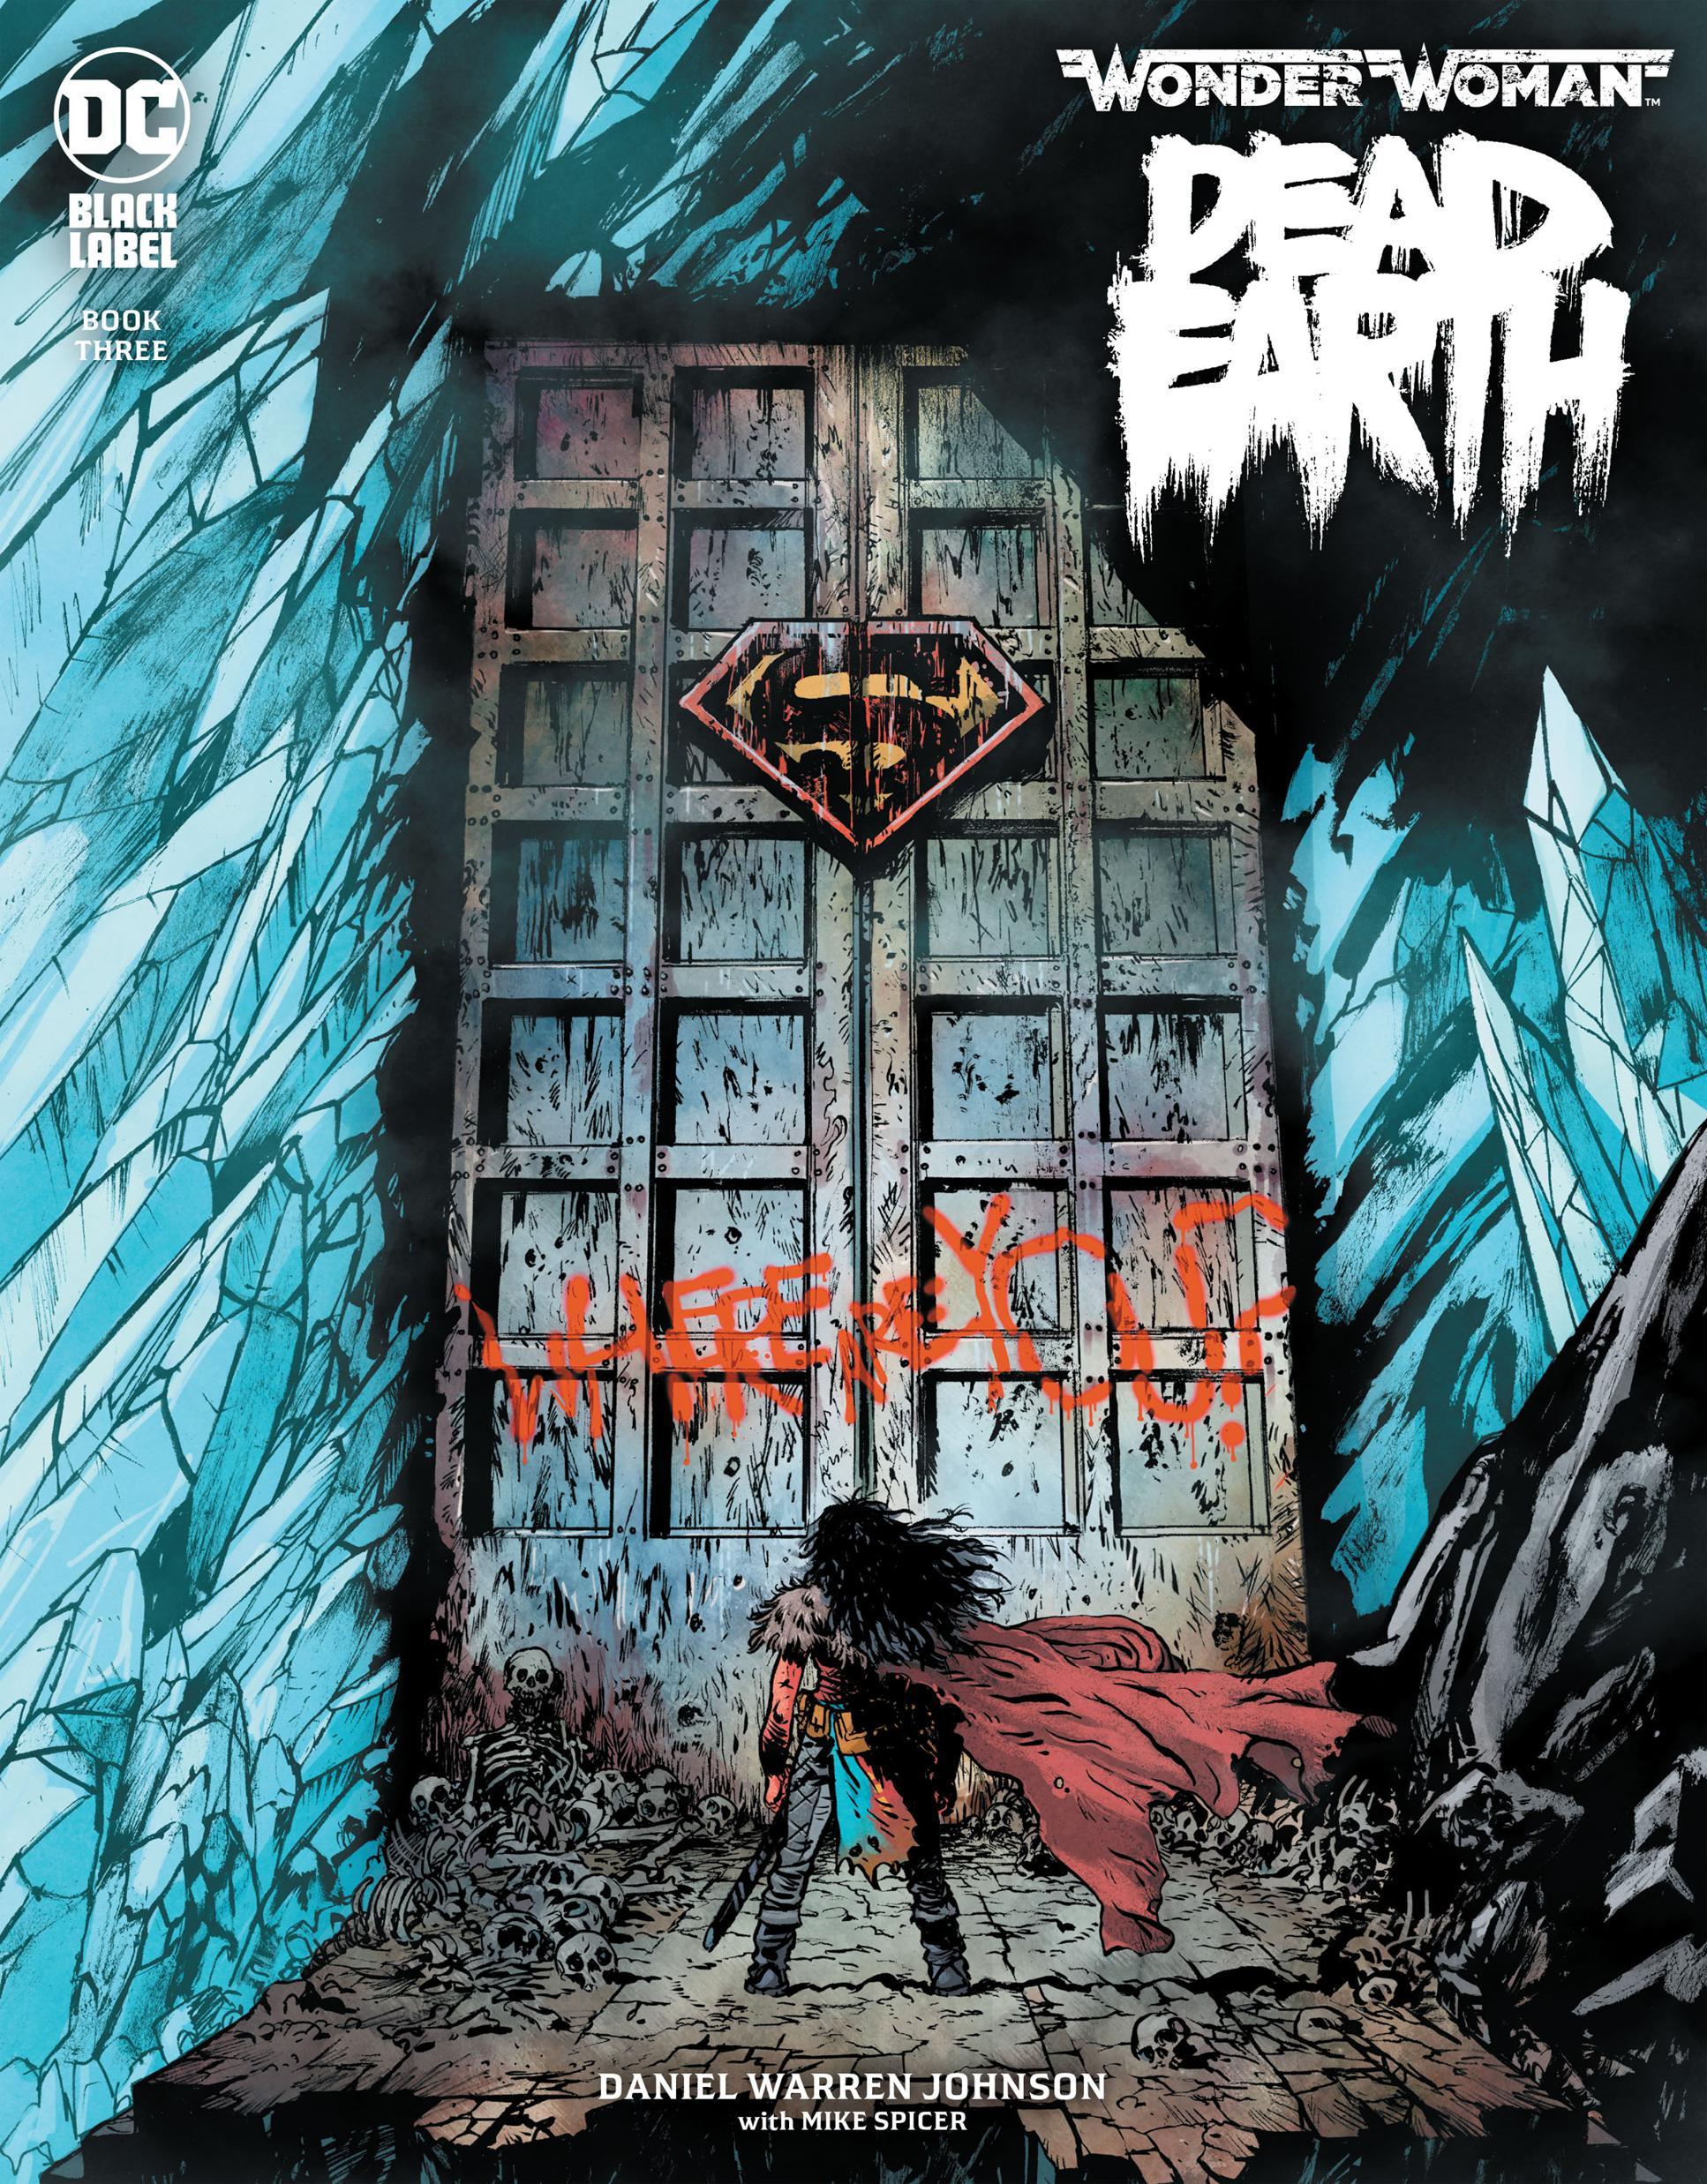 Wonder Woman-Dead Earth 003 2020 Digital